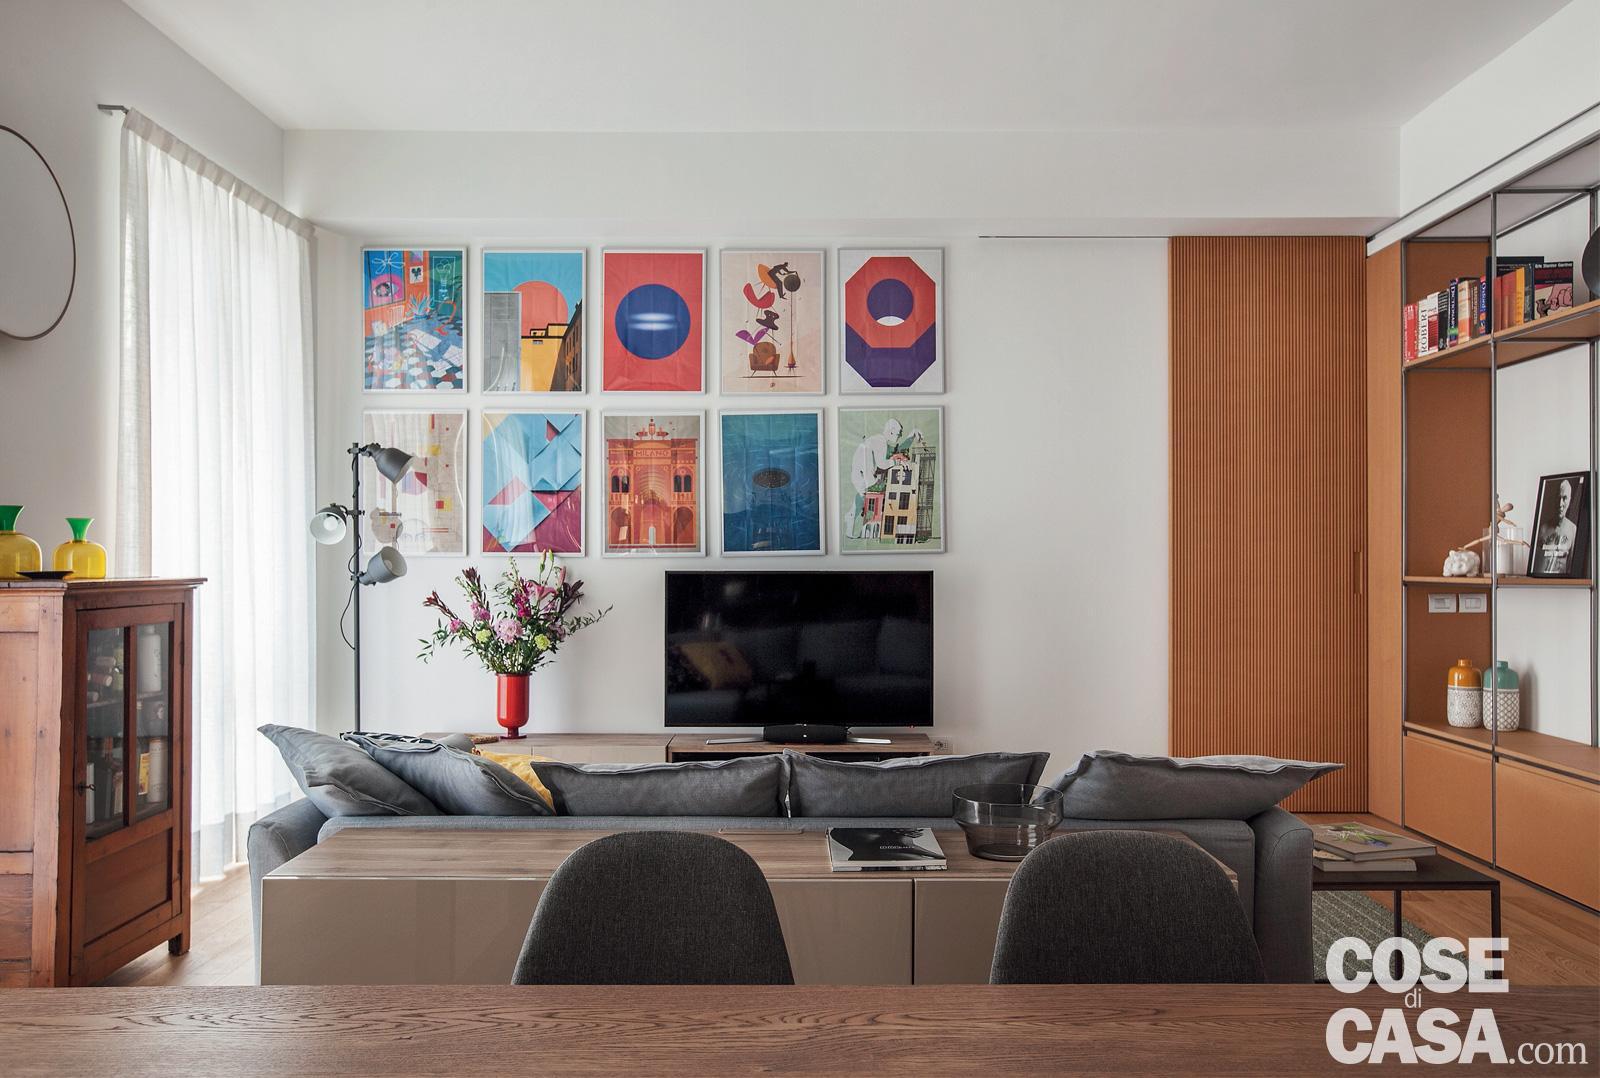 Appartamento Di 115 Mq Senza Corridoio Piu Spazio Al Soggiorno Open Space Cose Di Casa